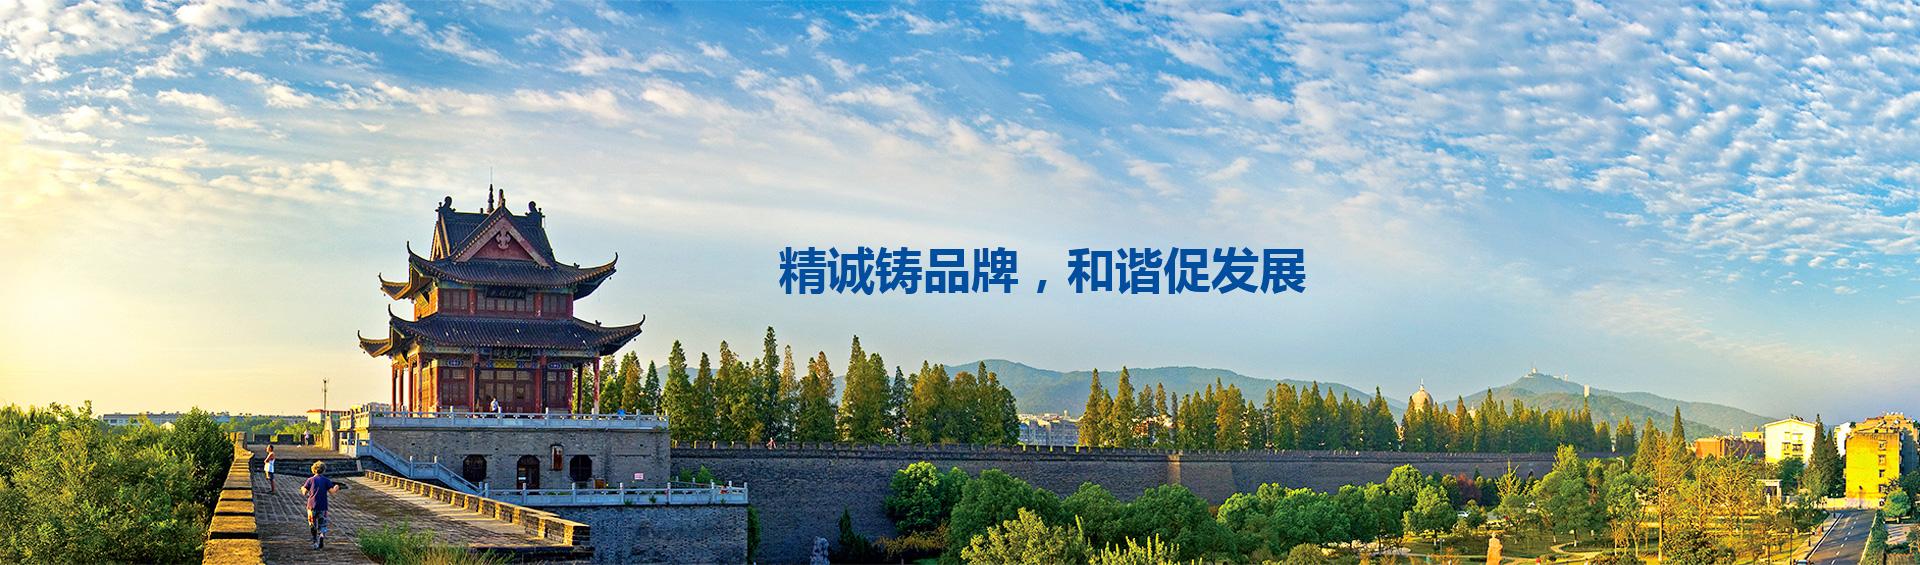 襄陽路橋集團